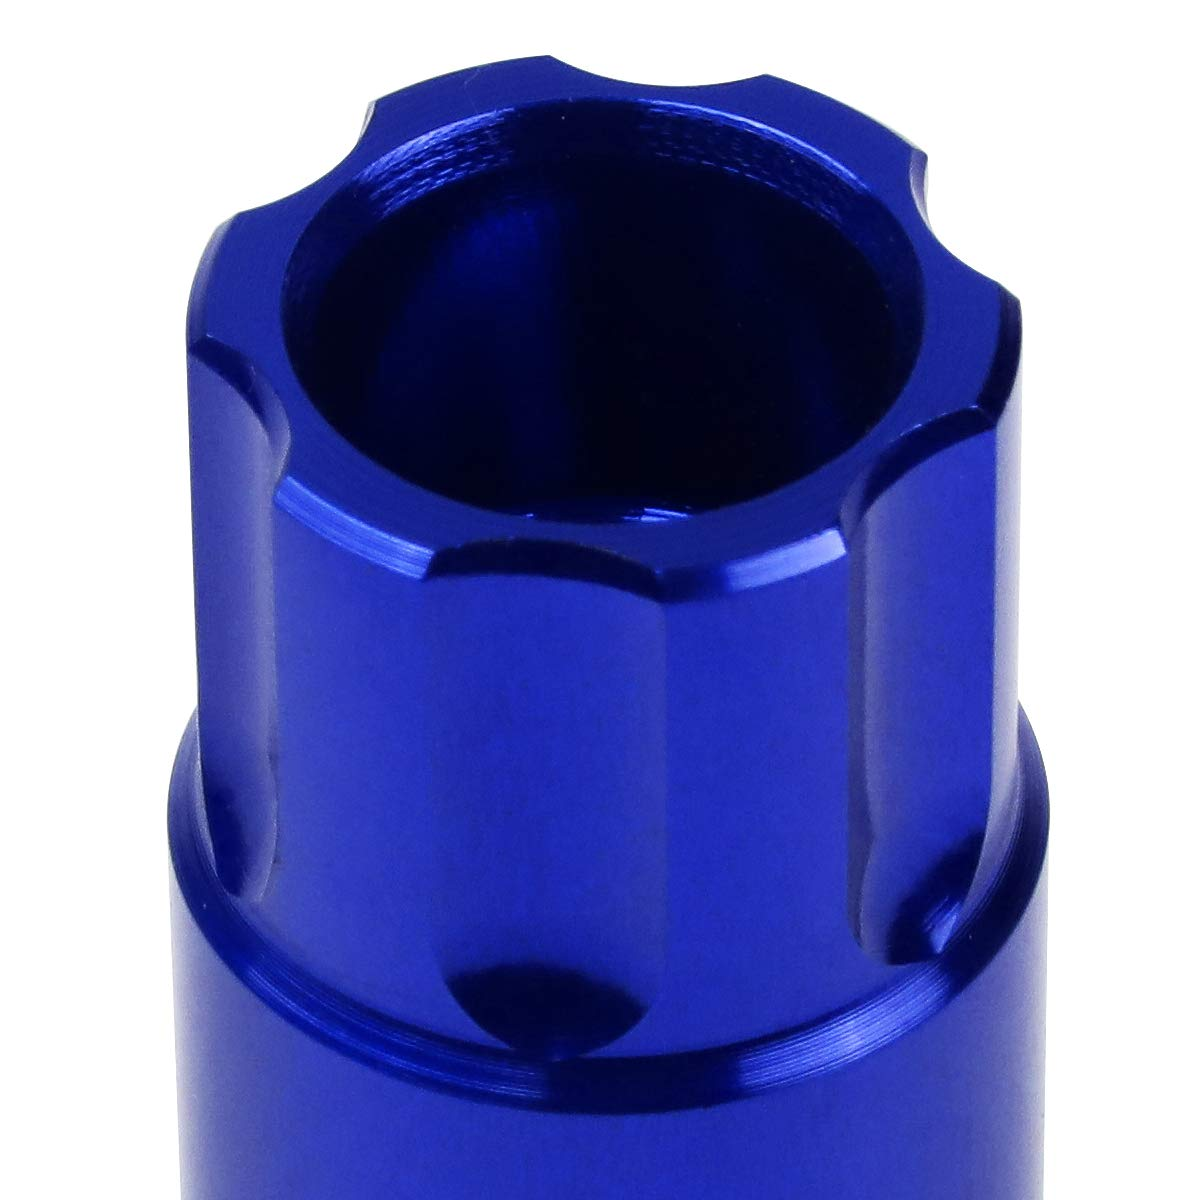 J2 Engineering LN-T7-011-125-BL Blue 20Pcs M12 x 1.25 7075-T6 Aluminum 50mm Open-End Lug Nut w//Socket Key